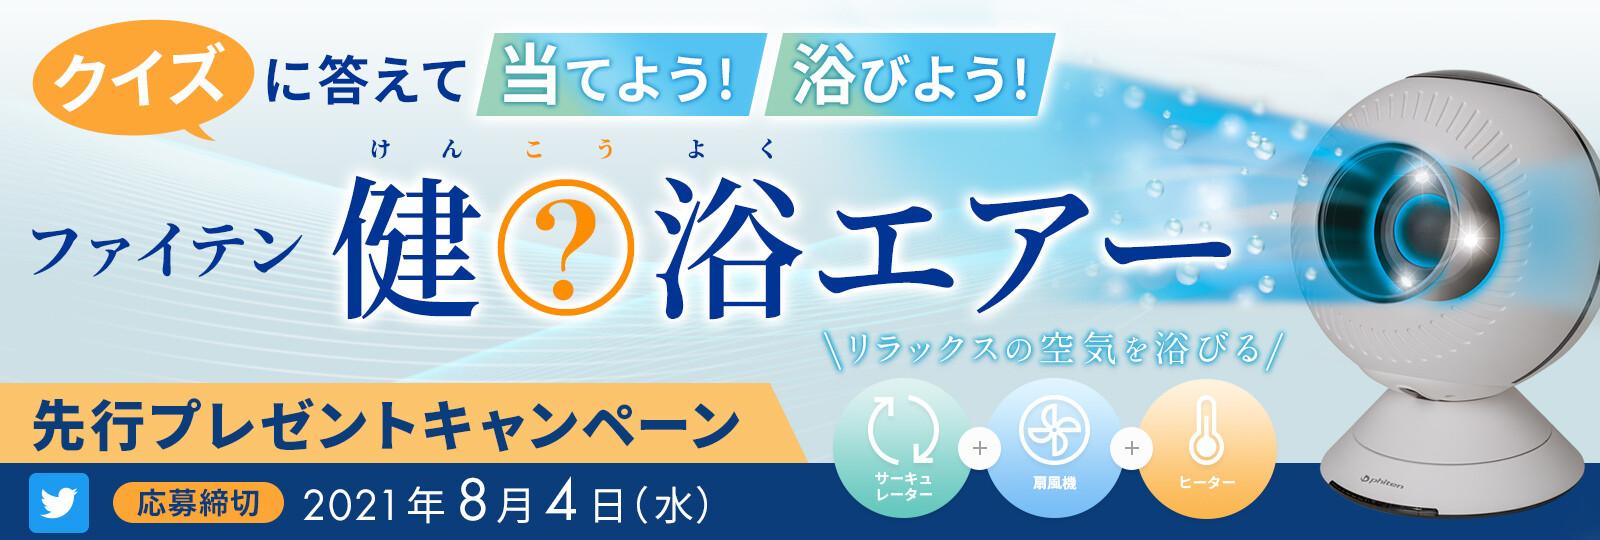 「ファイテン 健〇浴(けんこうよく)エアー」先行プレゼントキャンペーン